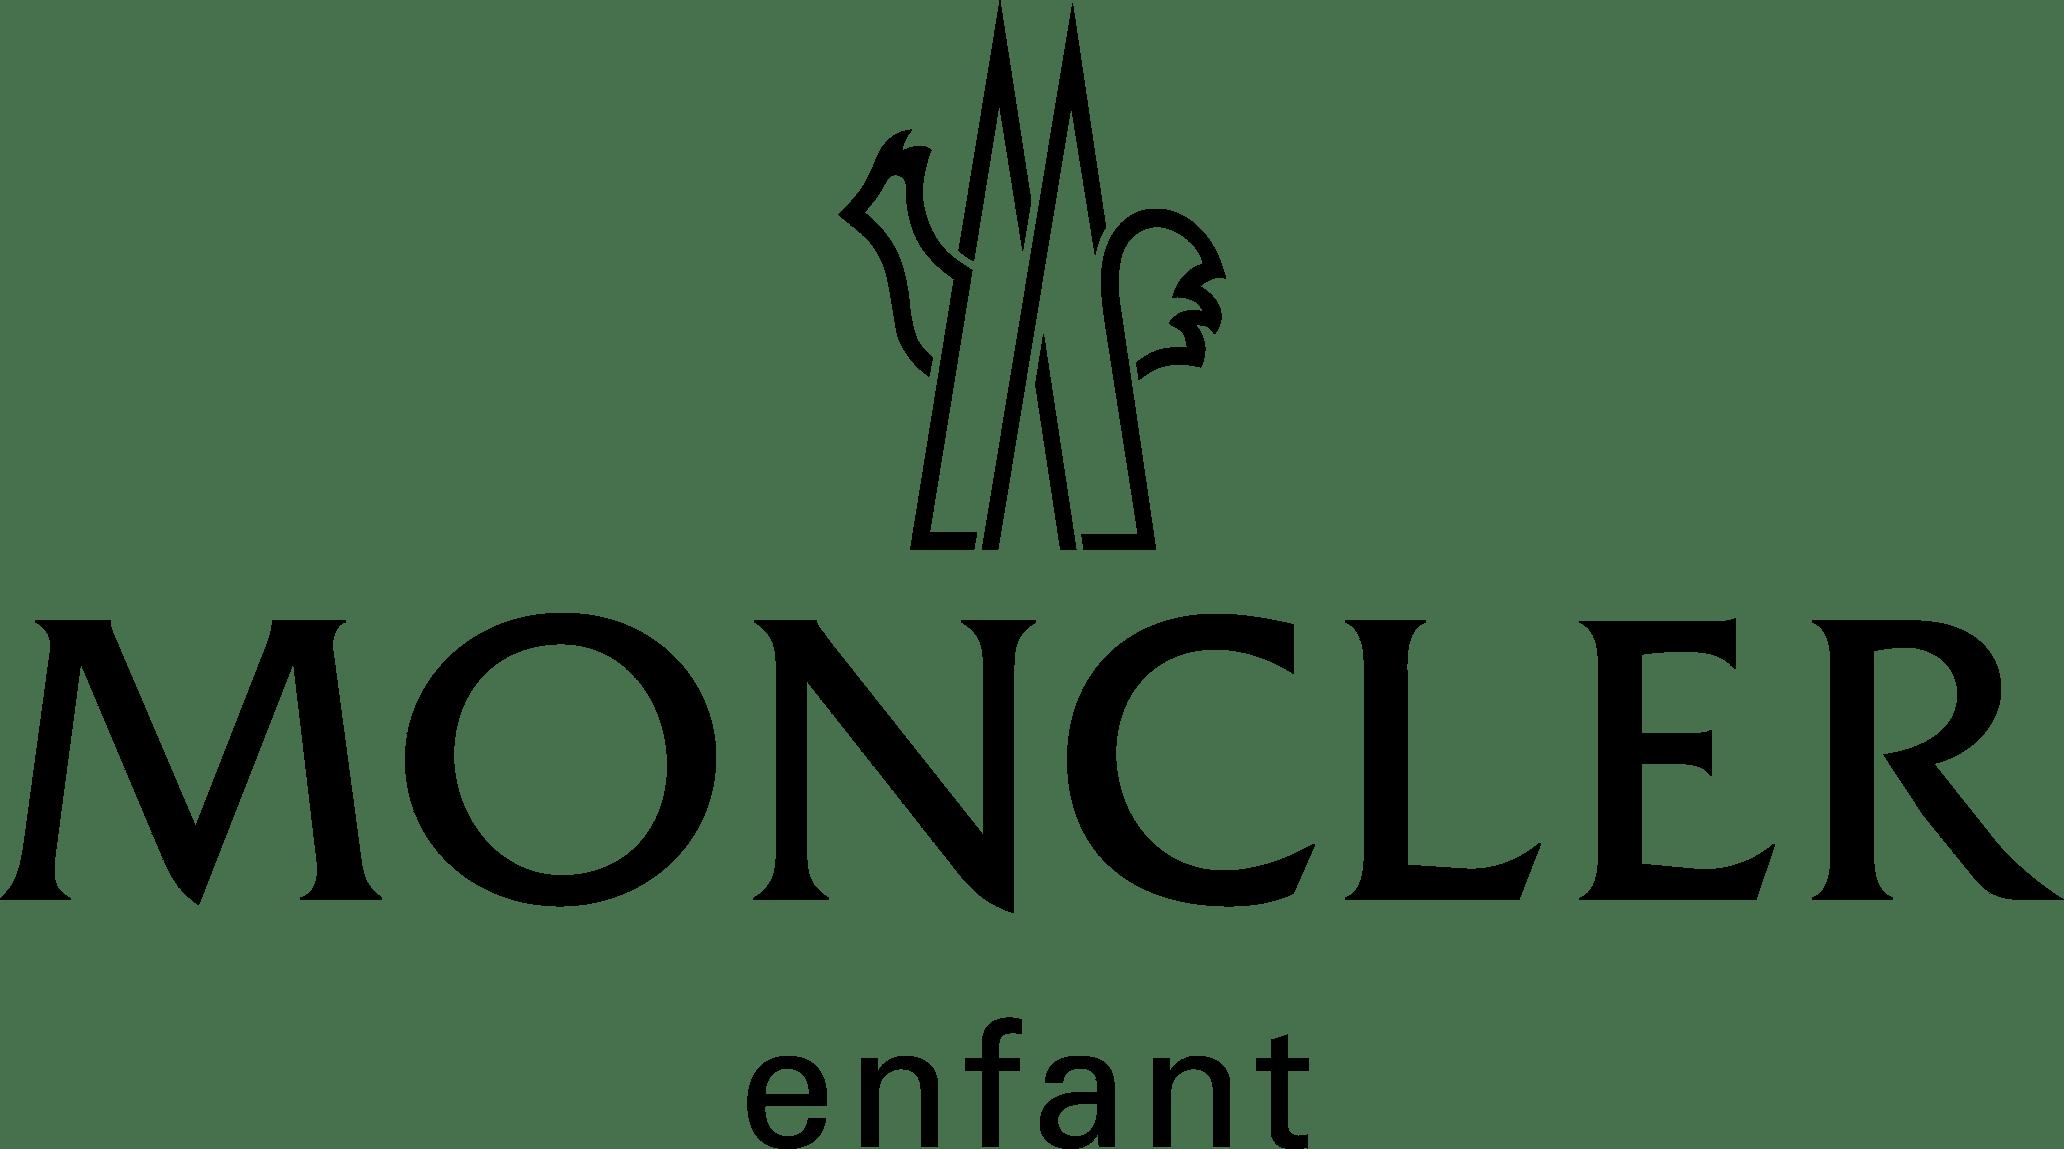 logo van het merk moncler te koop bij Coccinelle.nl